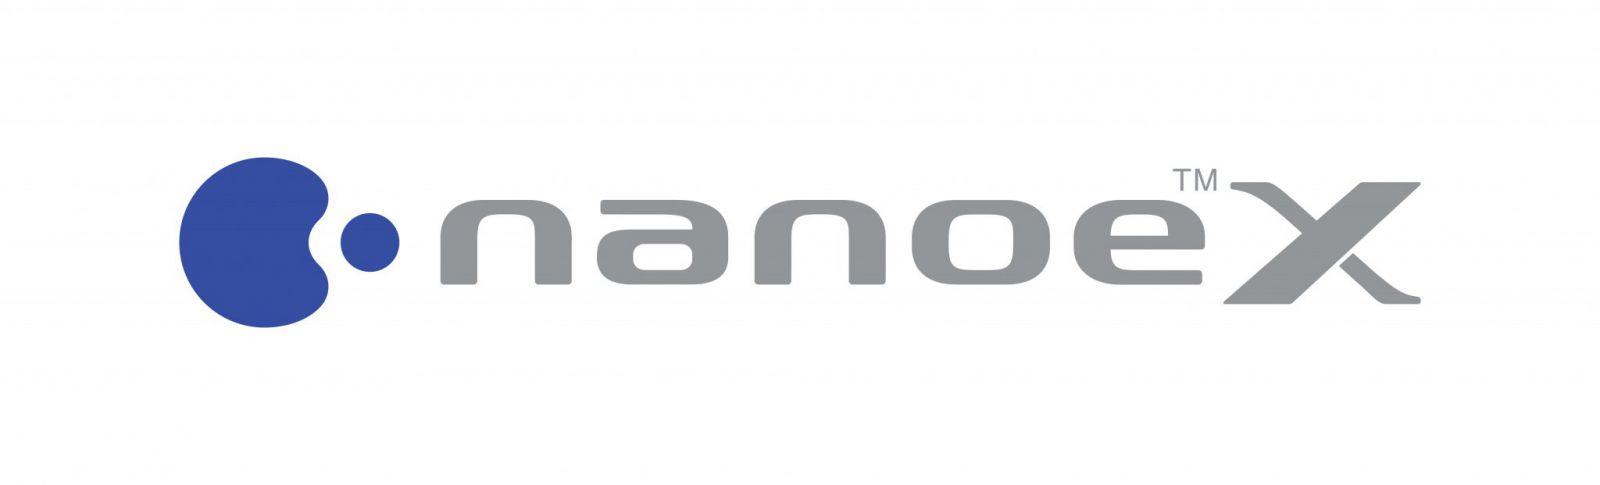 Cơ chế hoạt động của công nghệ NanoeX